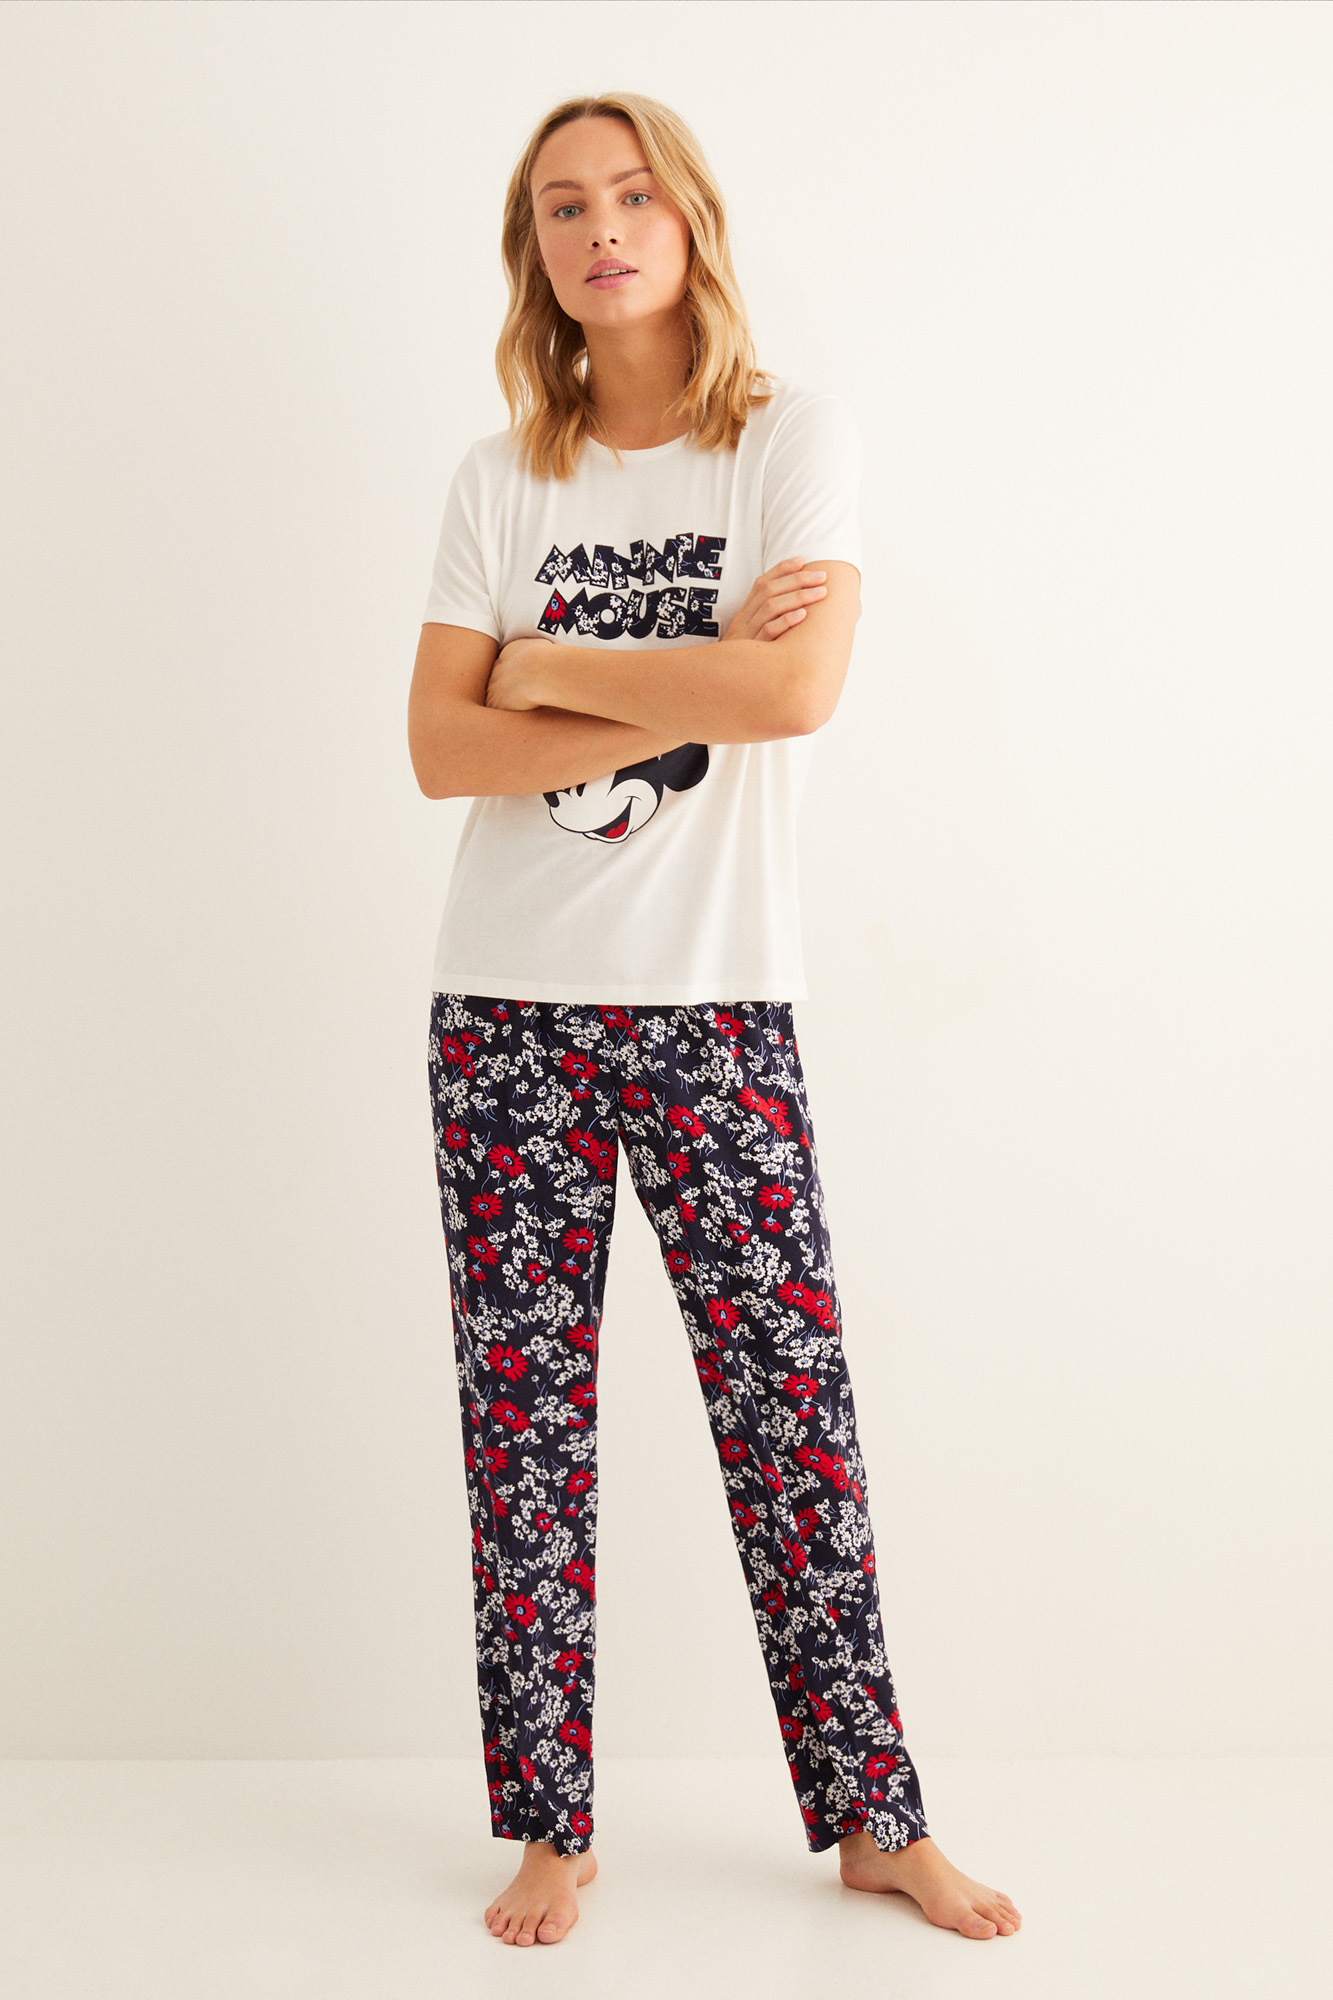 Pijama largo Minnie flores   Pijamas largos   Women'secret